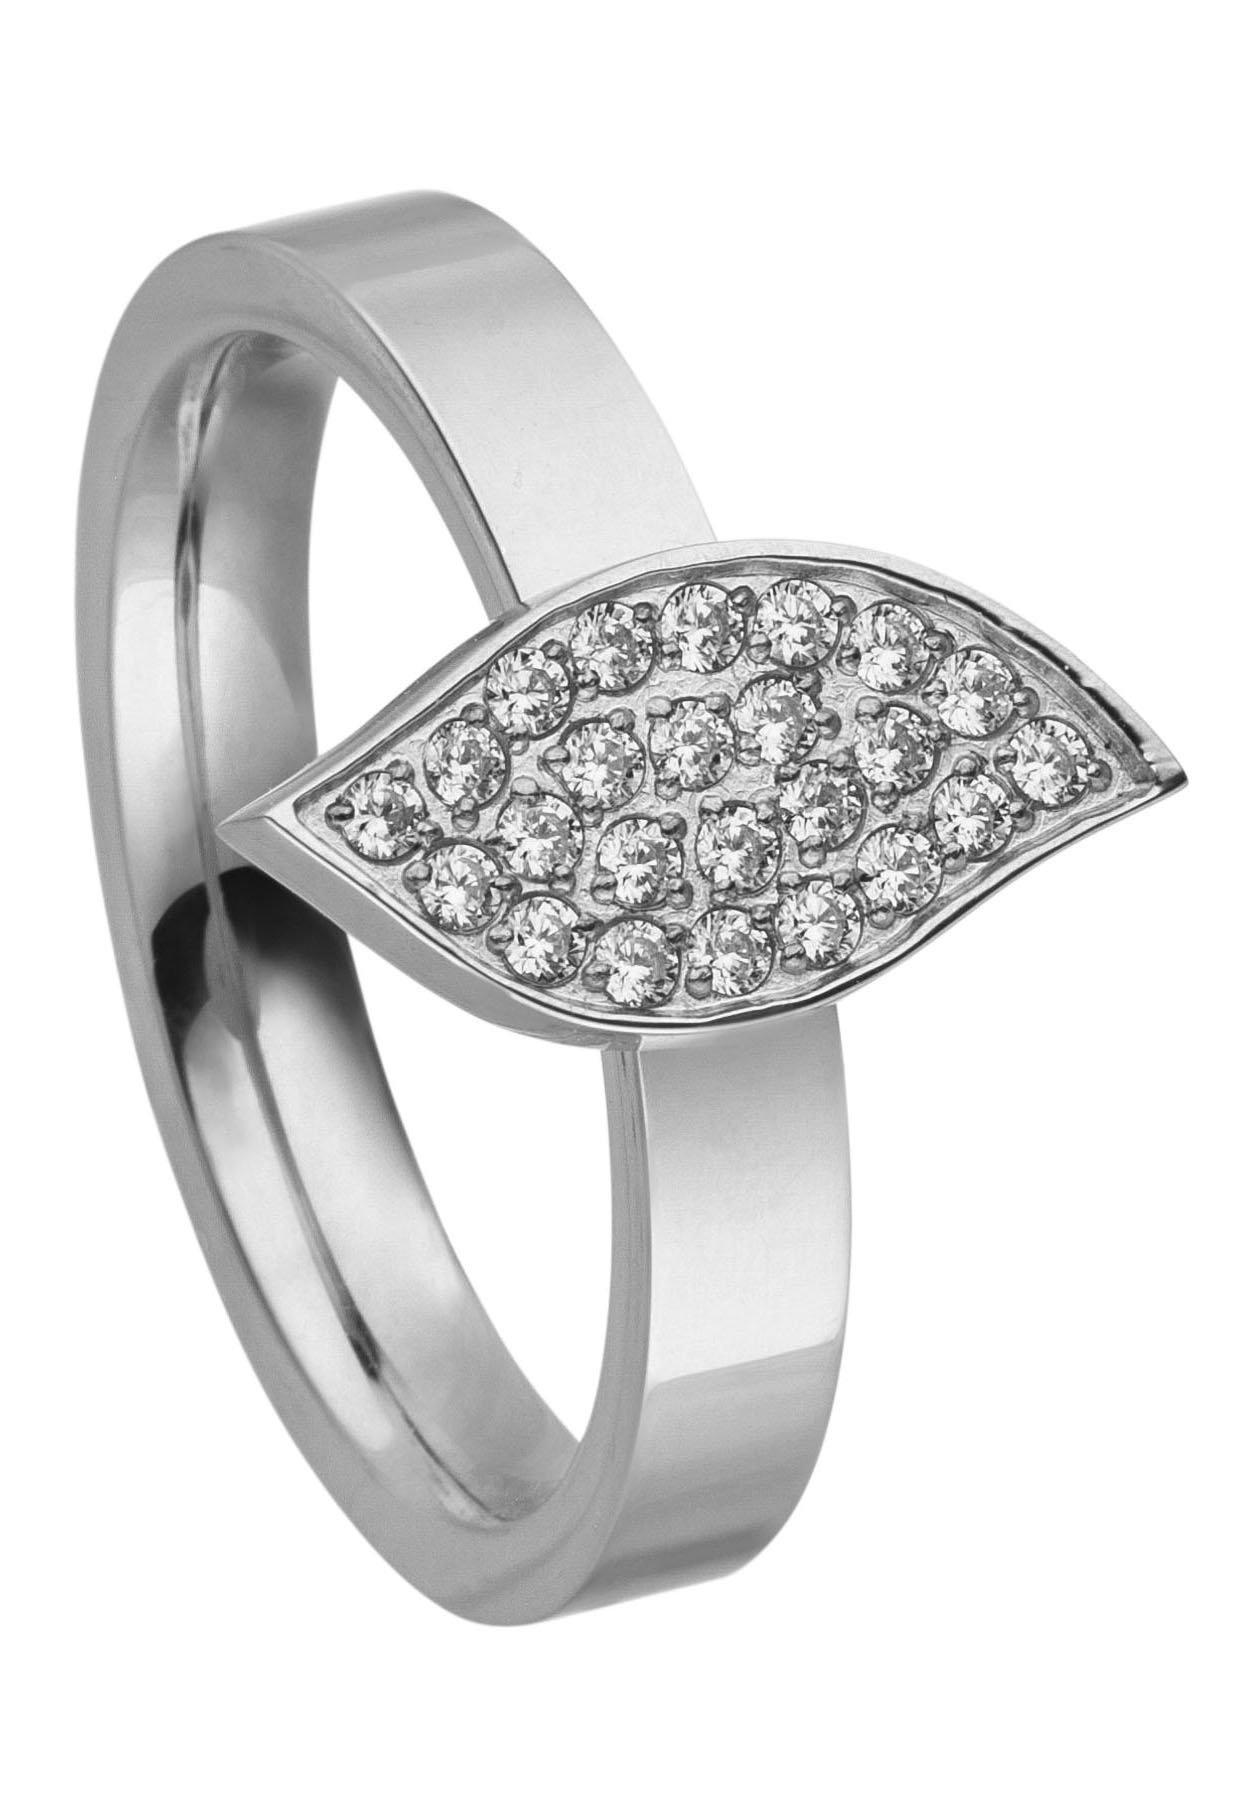 Tamaris ring Julia, TJ212-54, TJ212-56, TJ212-58, TJ212-60 met zirkoon - gratis ruilen op otto.nl